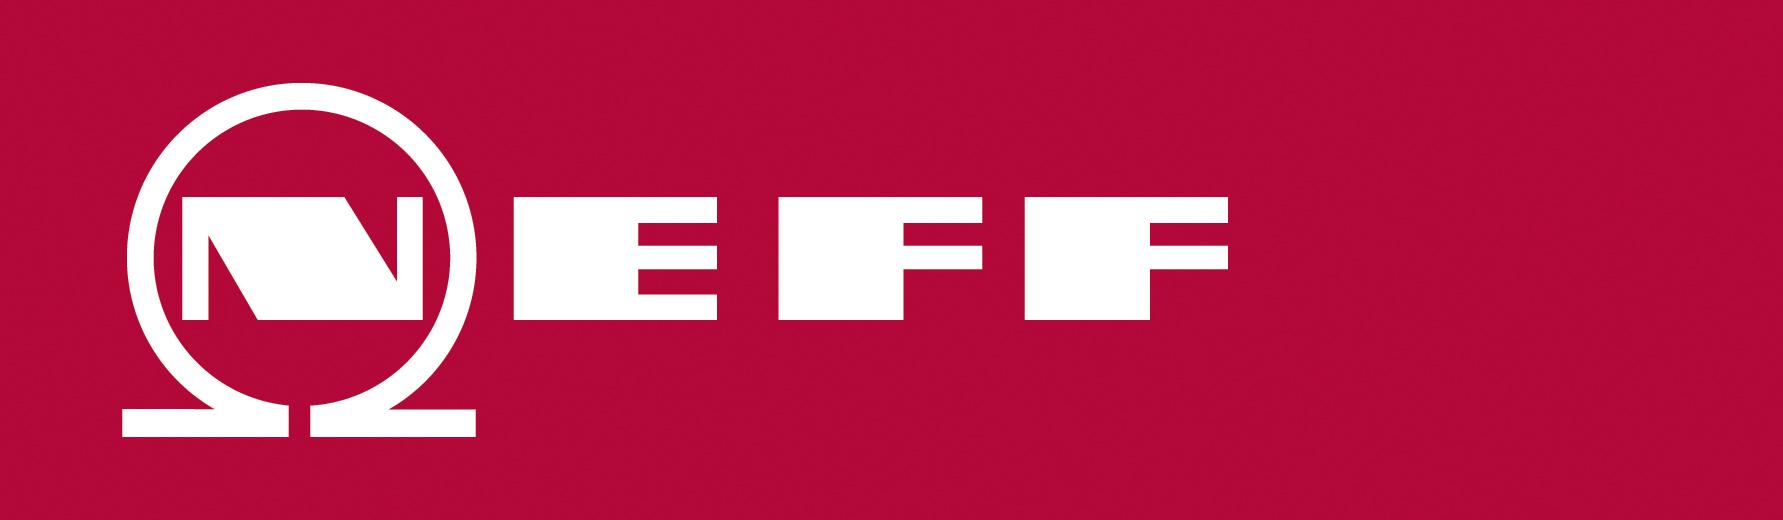 neff-logo.jpg